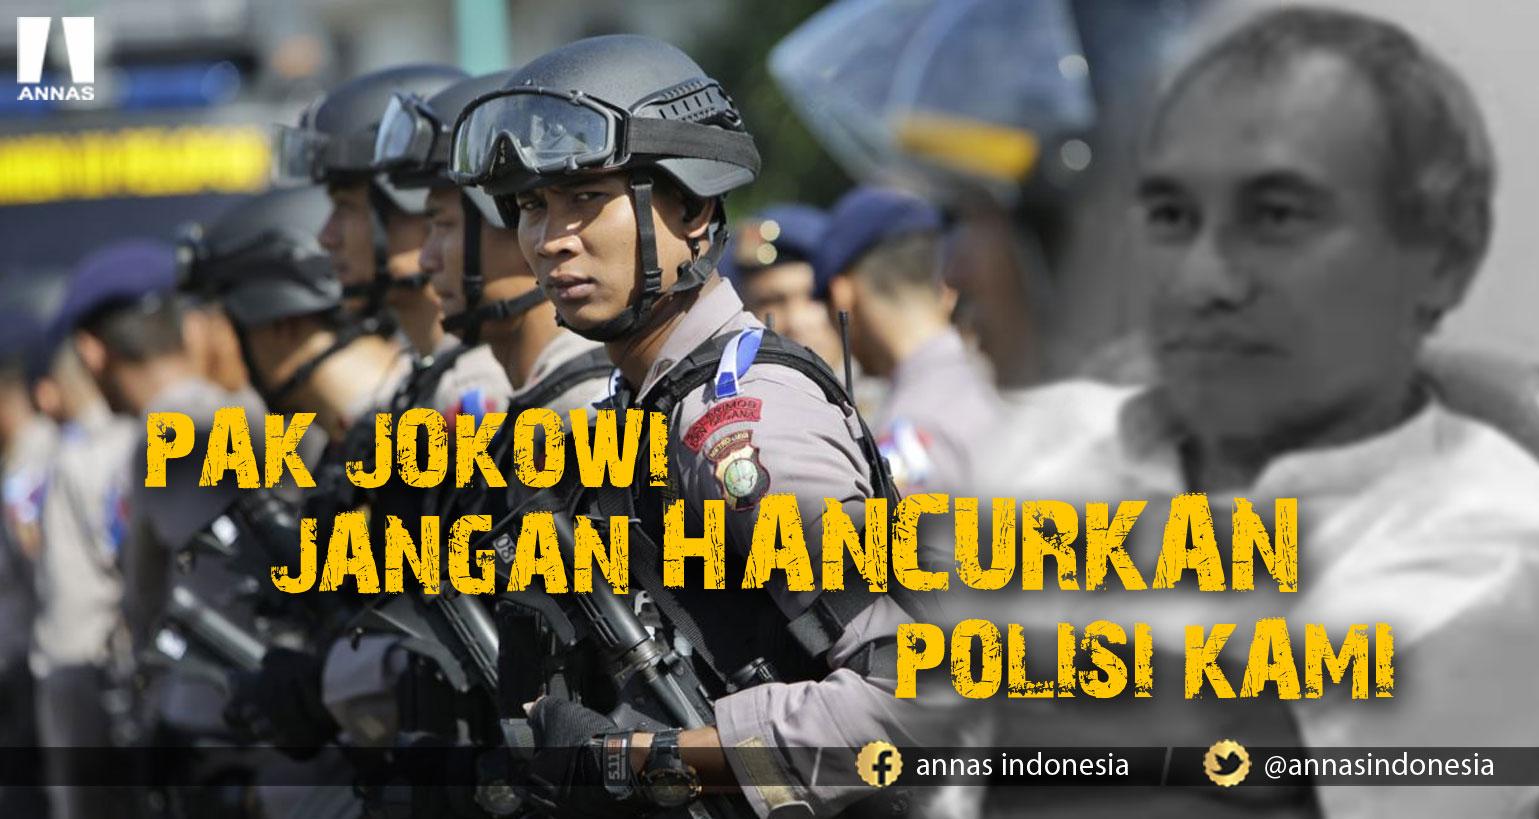 PAK JOKOWI JANGAN HANCURKAN POLISI KAMI